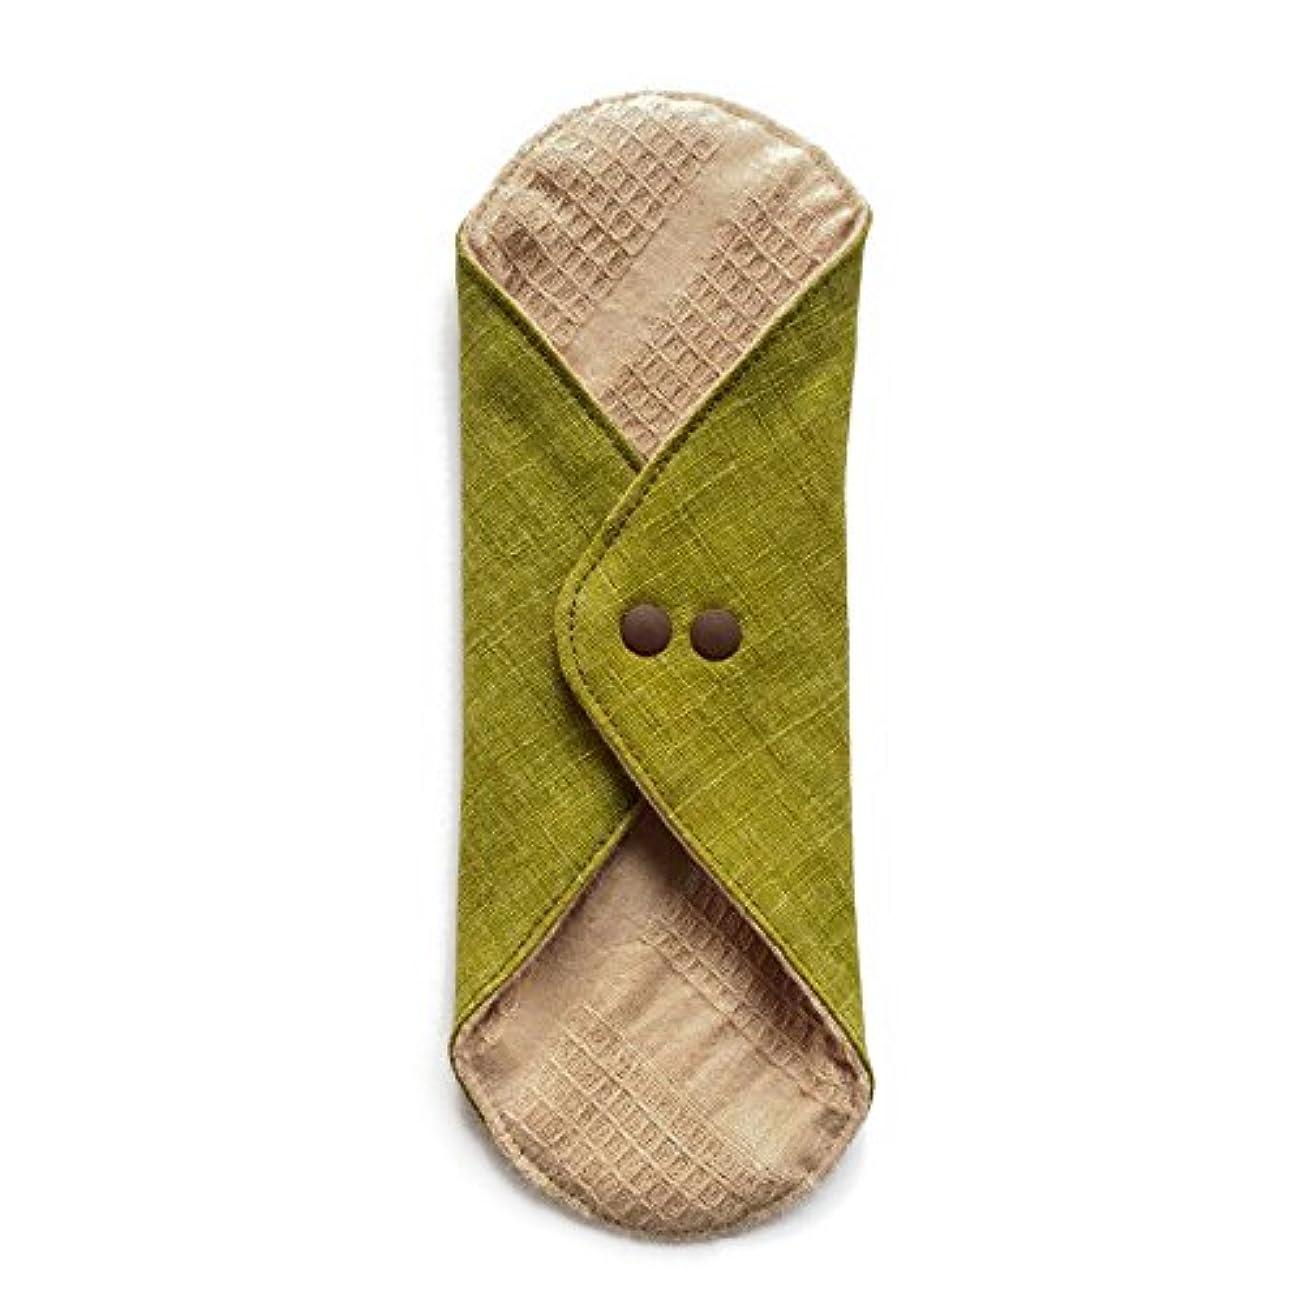 私たちの鉛バンジョー華布のオーガニックコットンのあたため布 Lサイズ (約18×約20.5×約0.5cm) 彩り(抹茶)